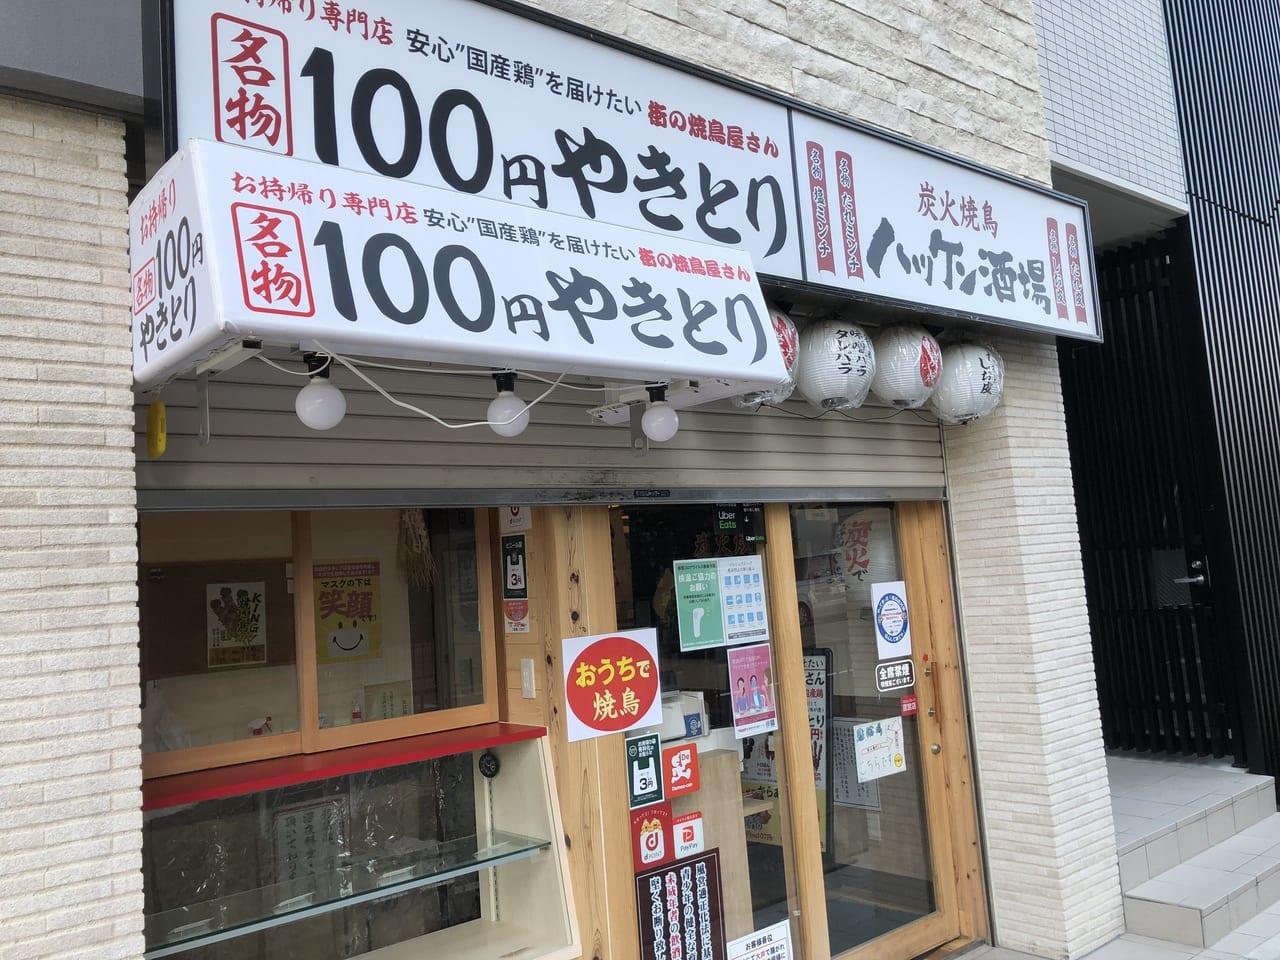 100円焼き鳥